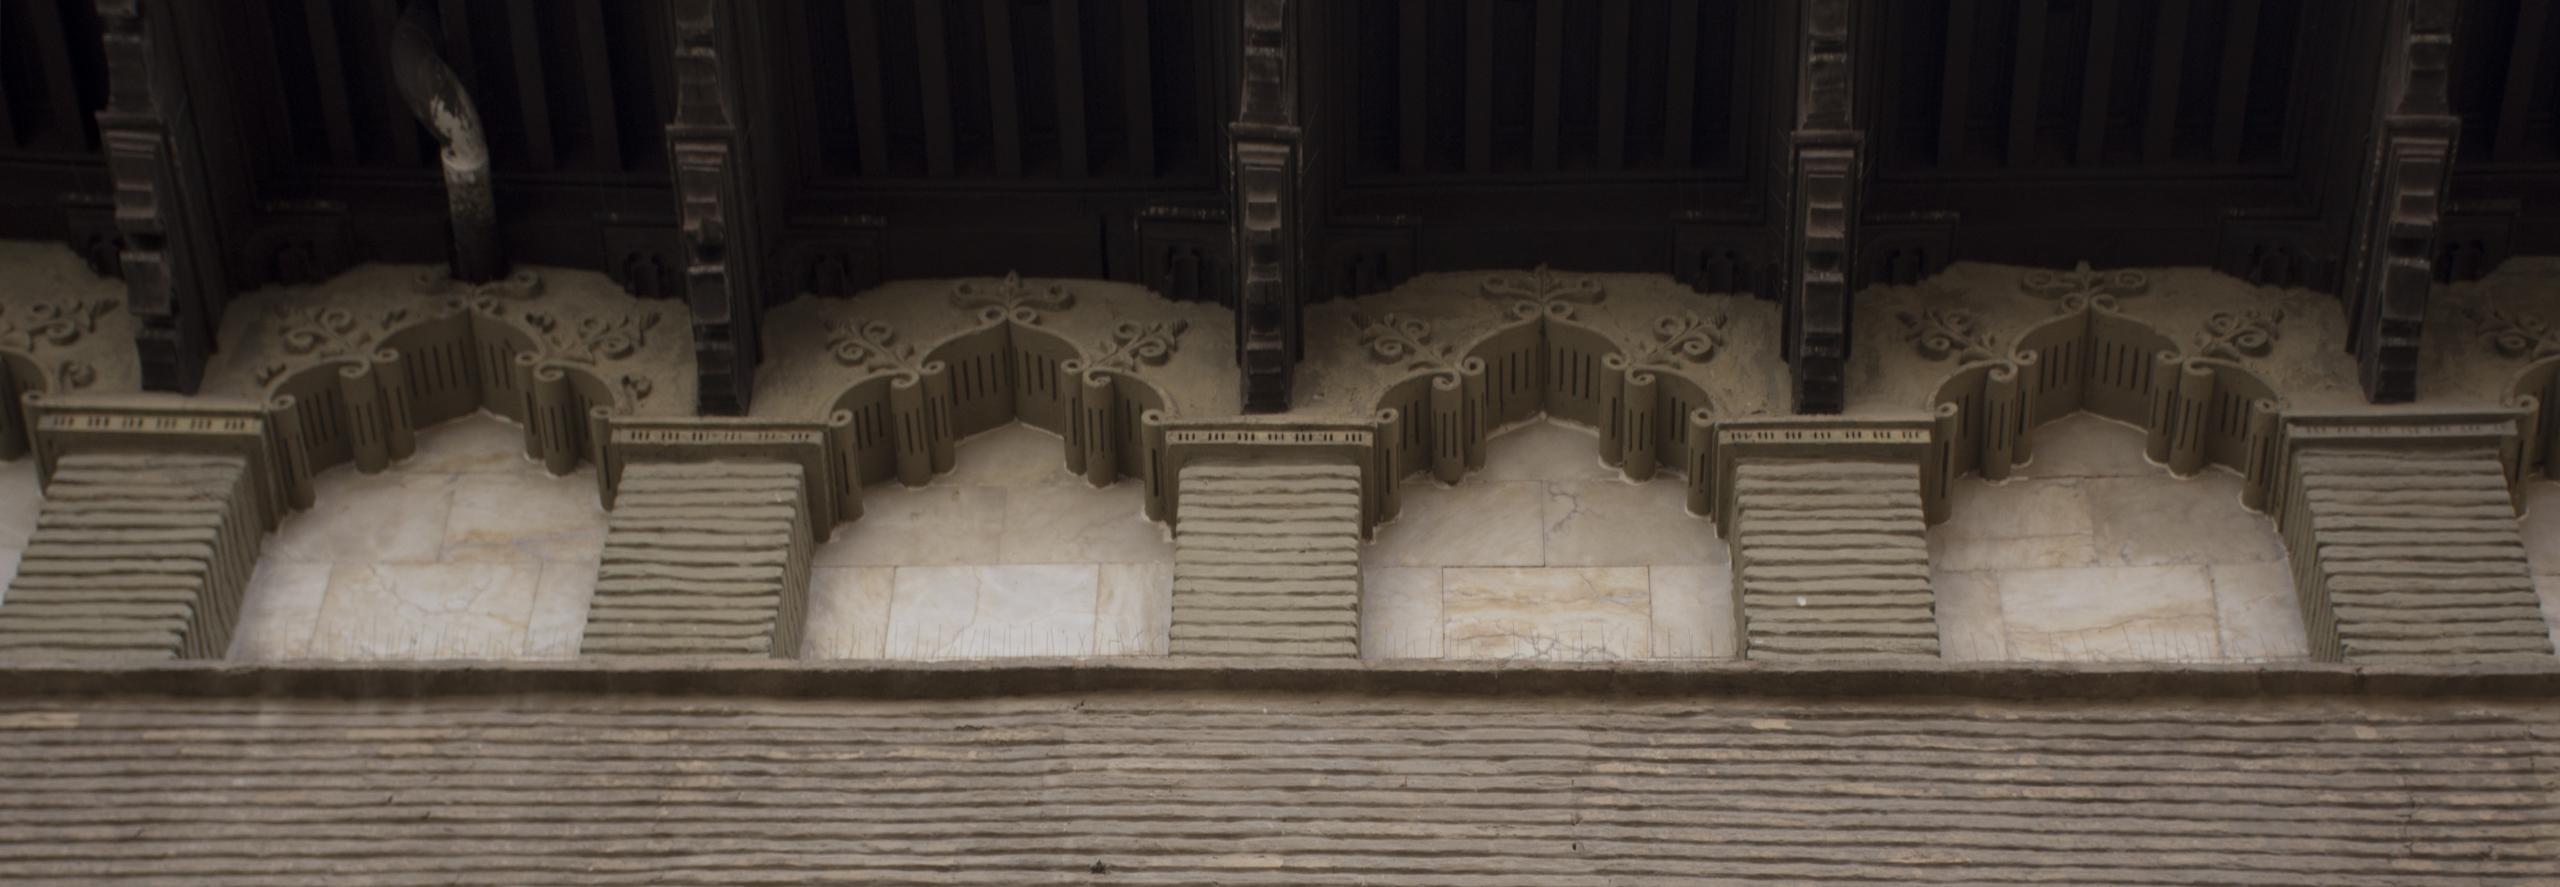 Renacimiento arquitectura España